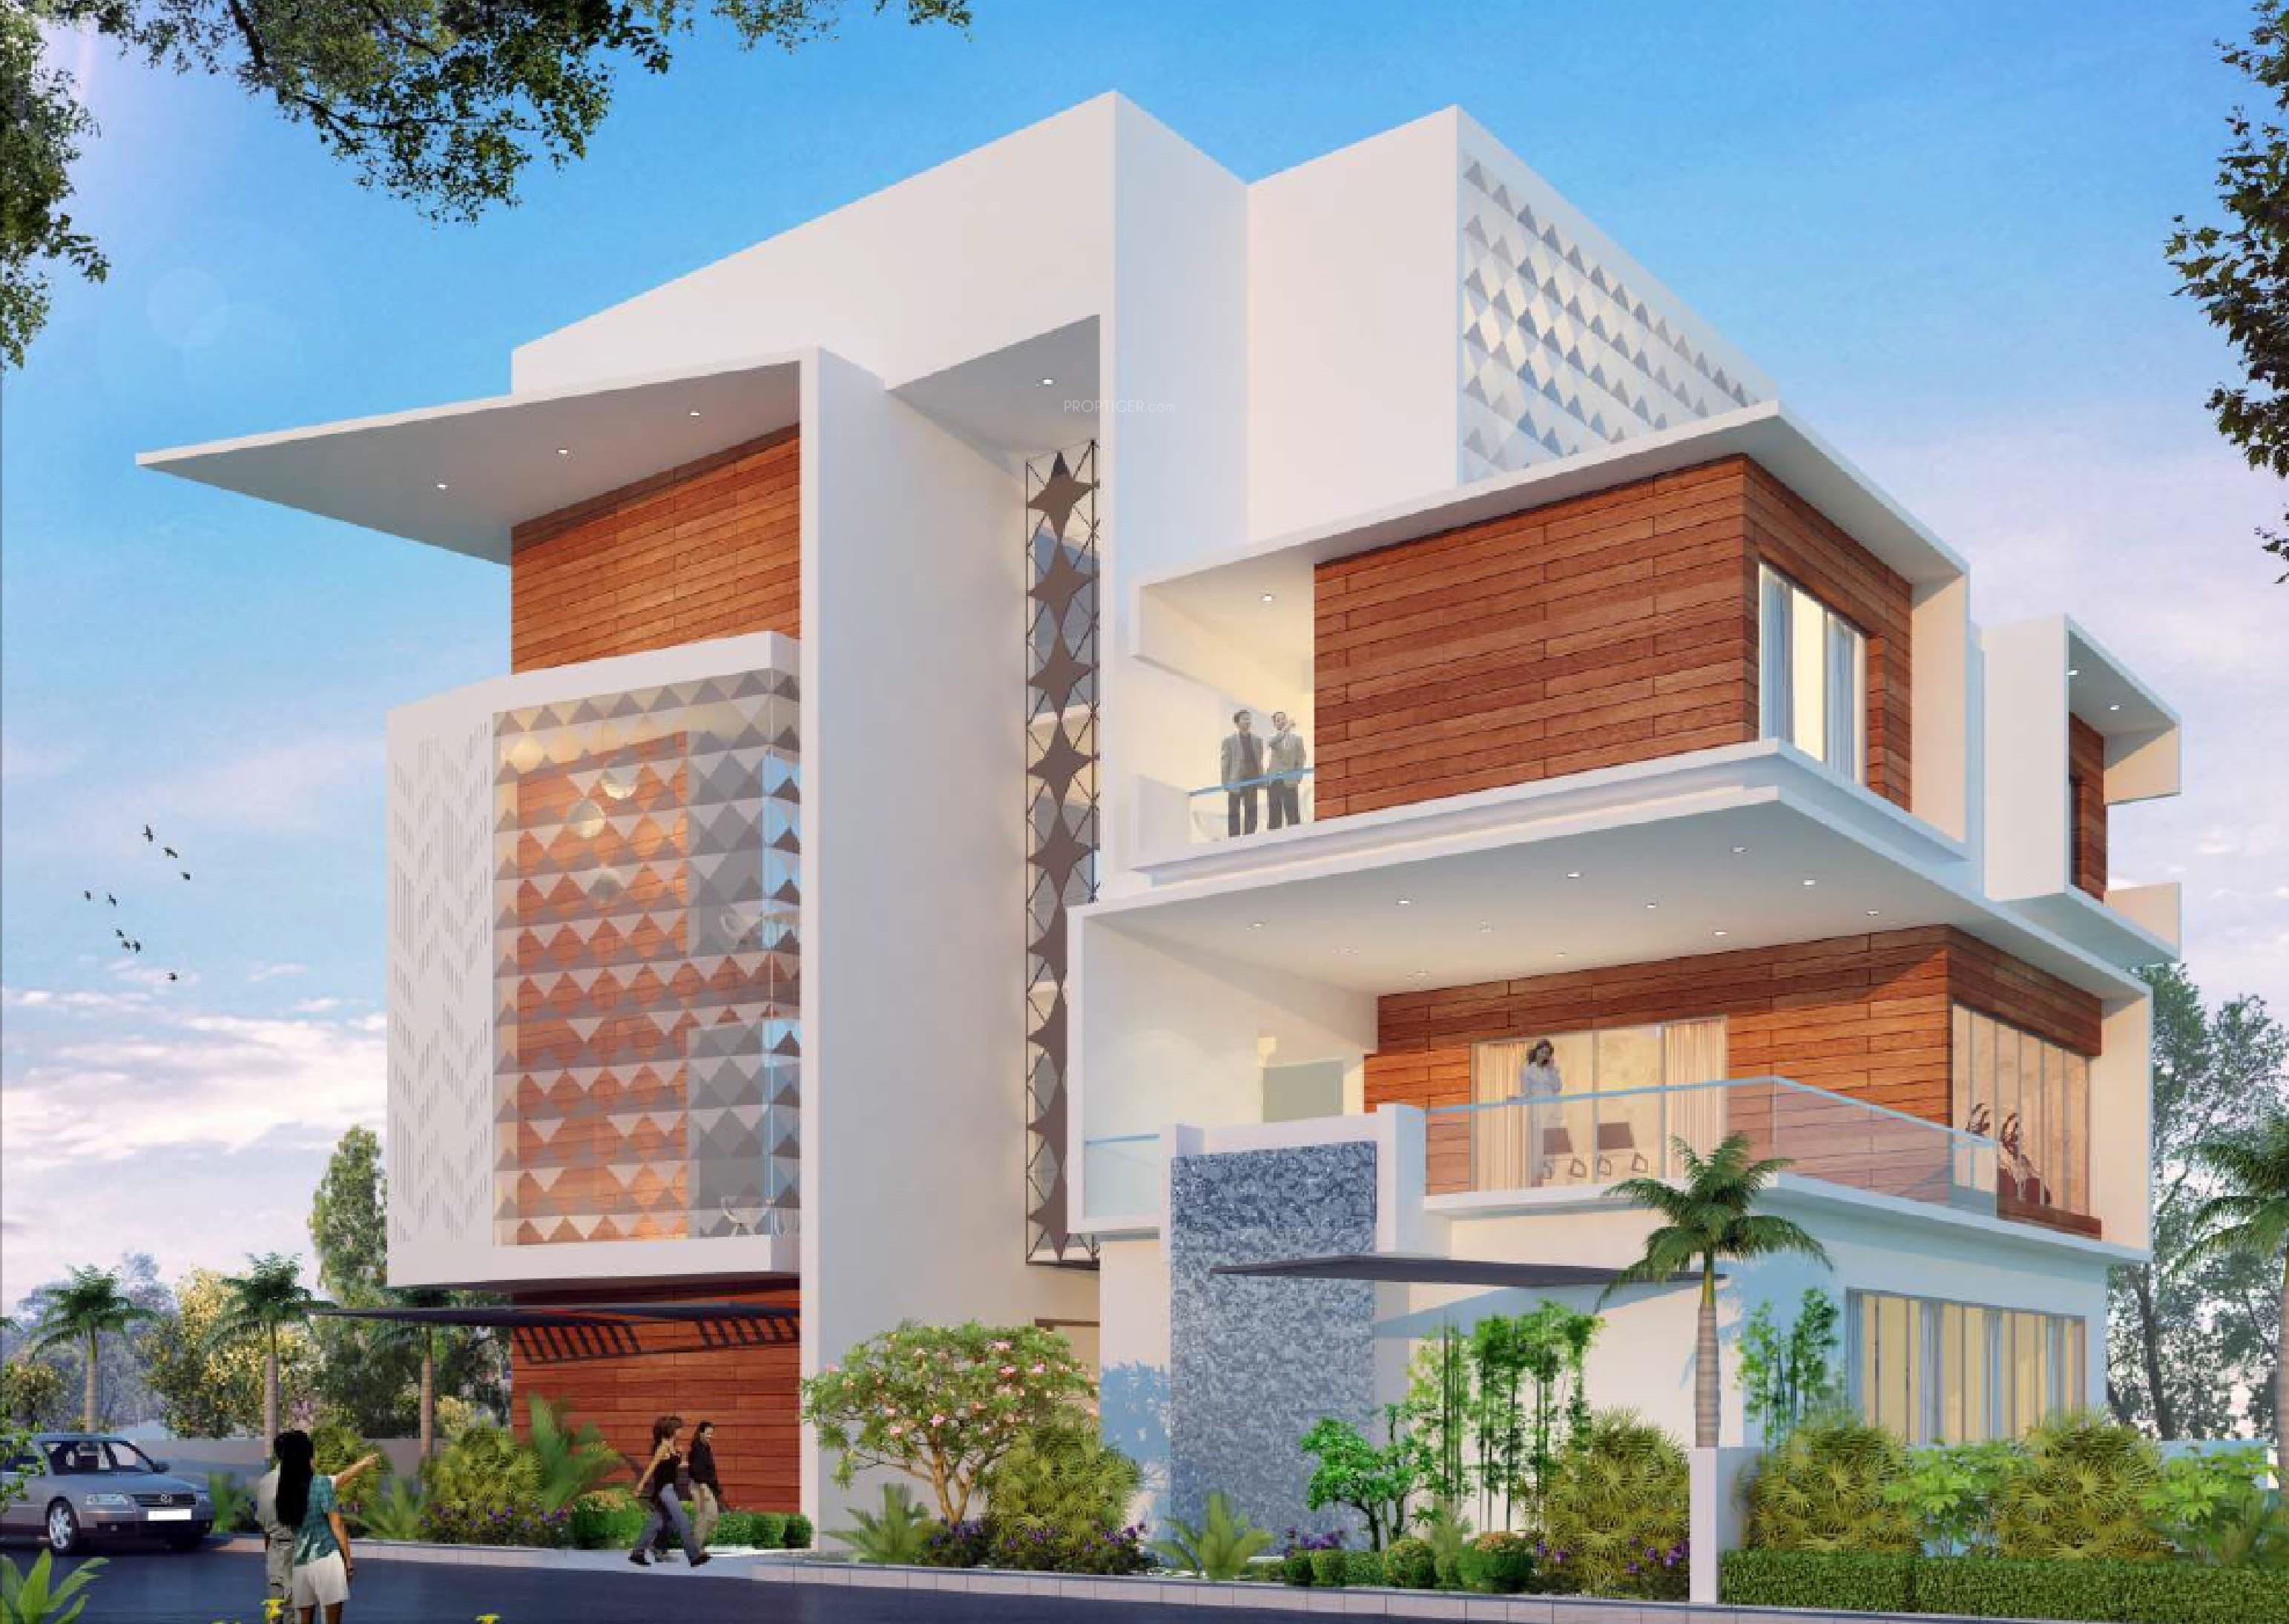 integrity-homes-elevation-23814394.jpeg (3086×2190)